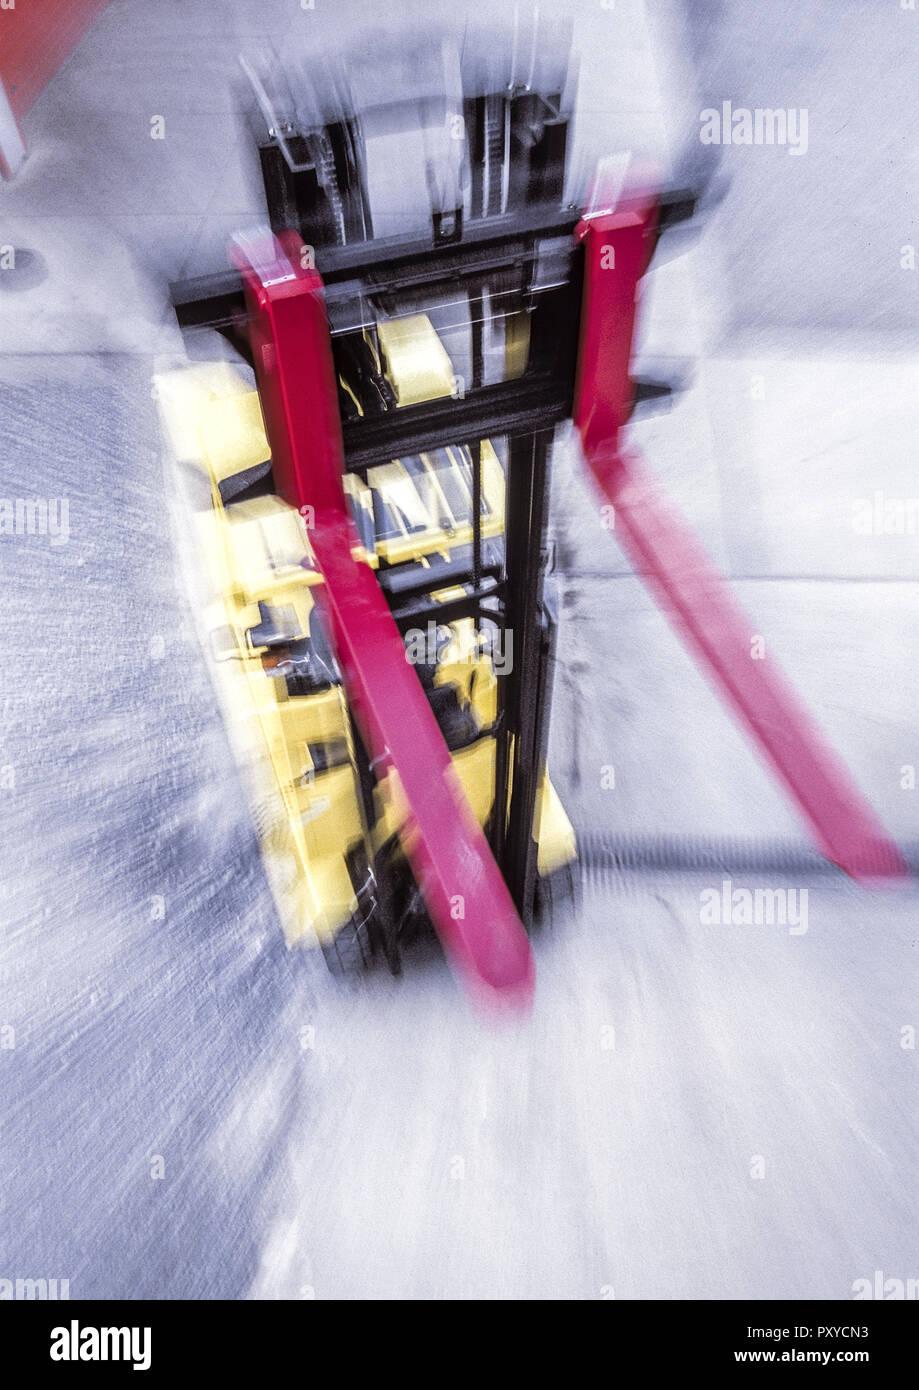 Gabelstapler in Lagerhalle, Bewegung Stock Photo